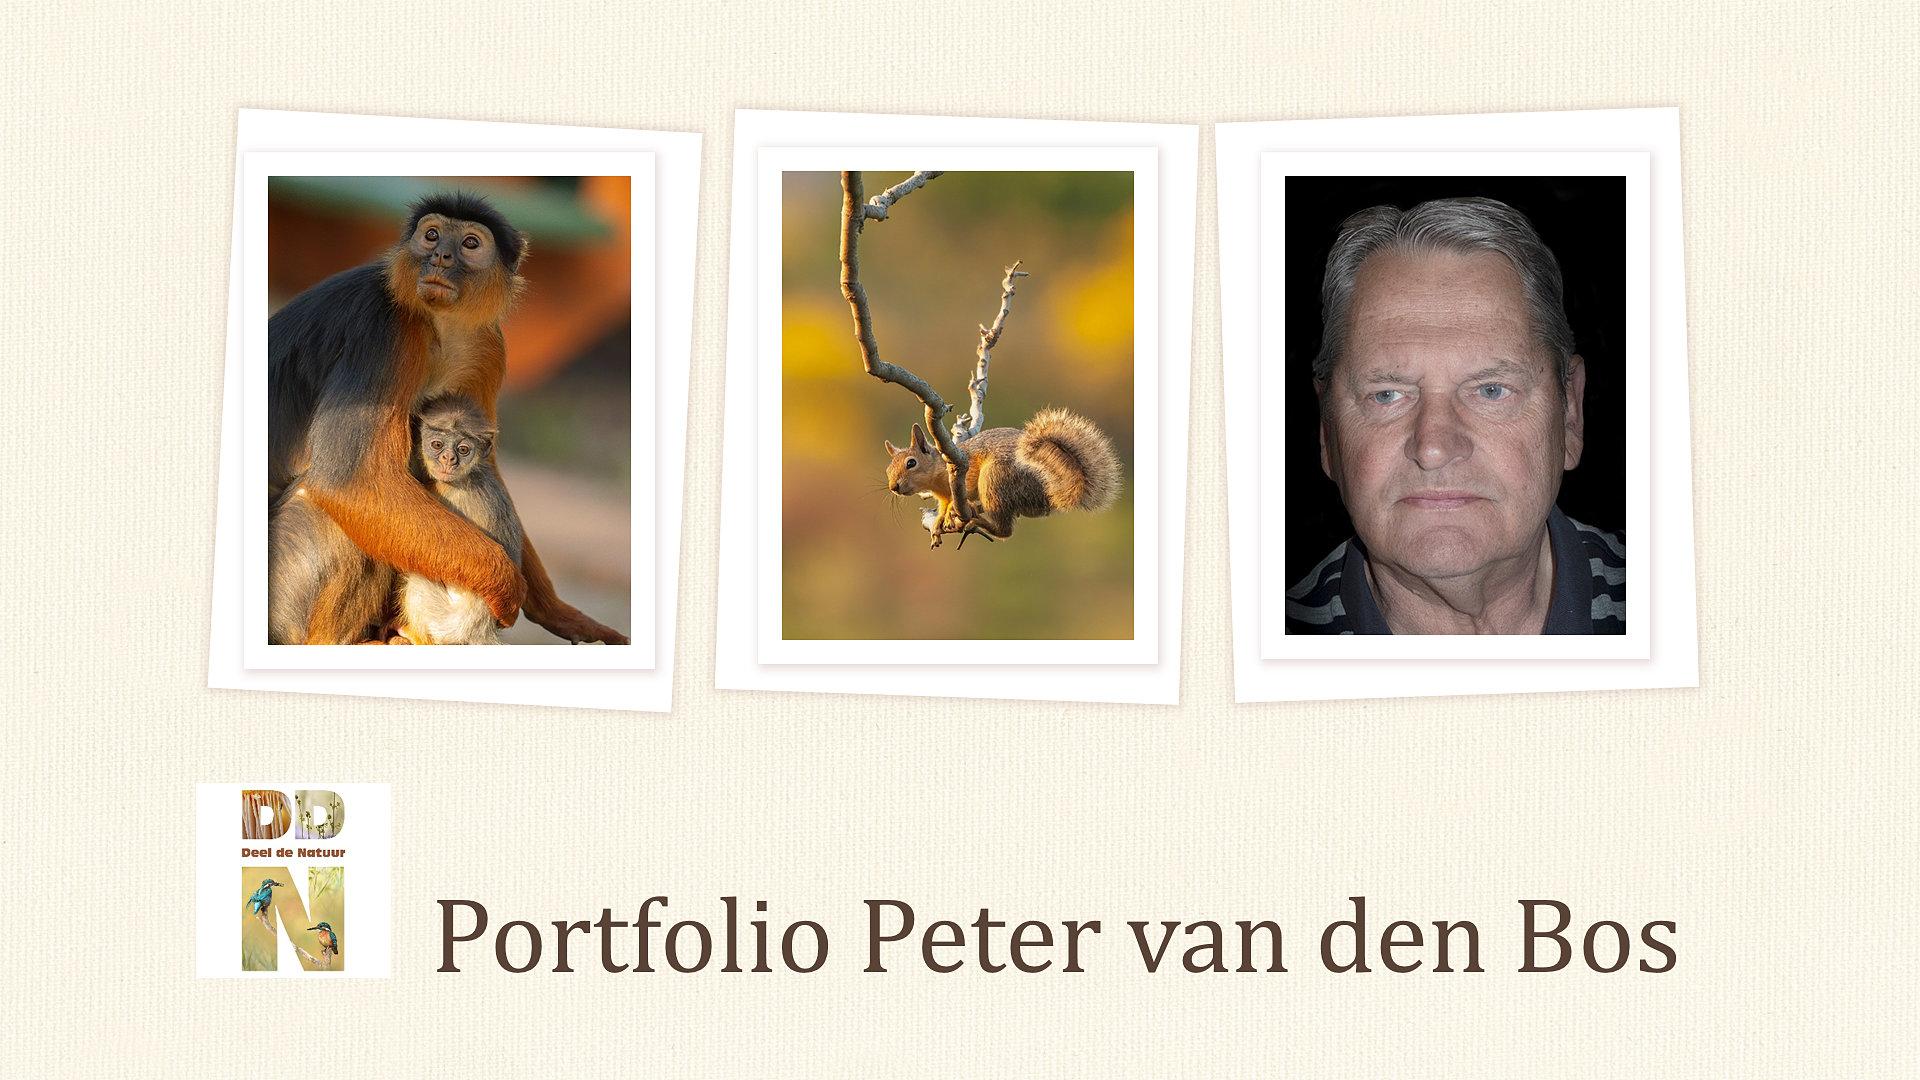 Spotlight portfolio Peter van den Bos